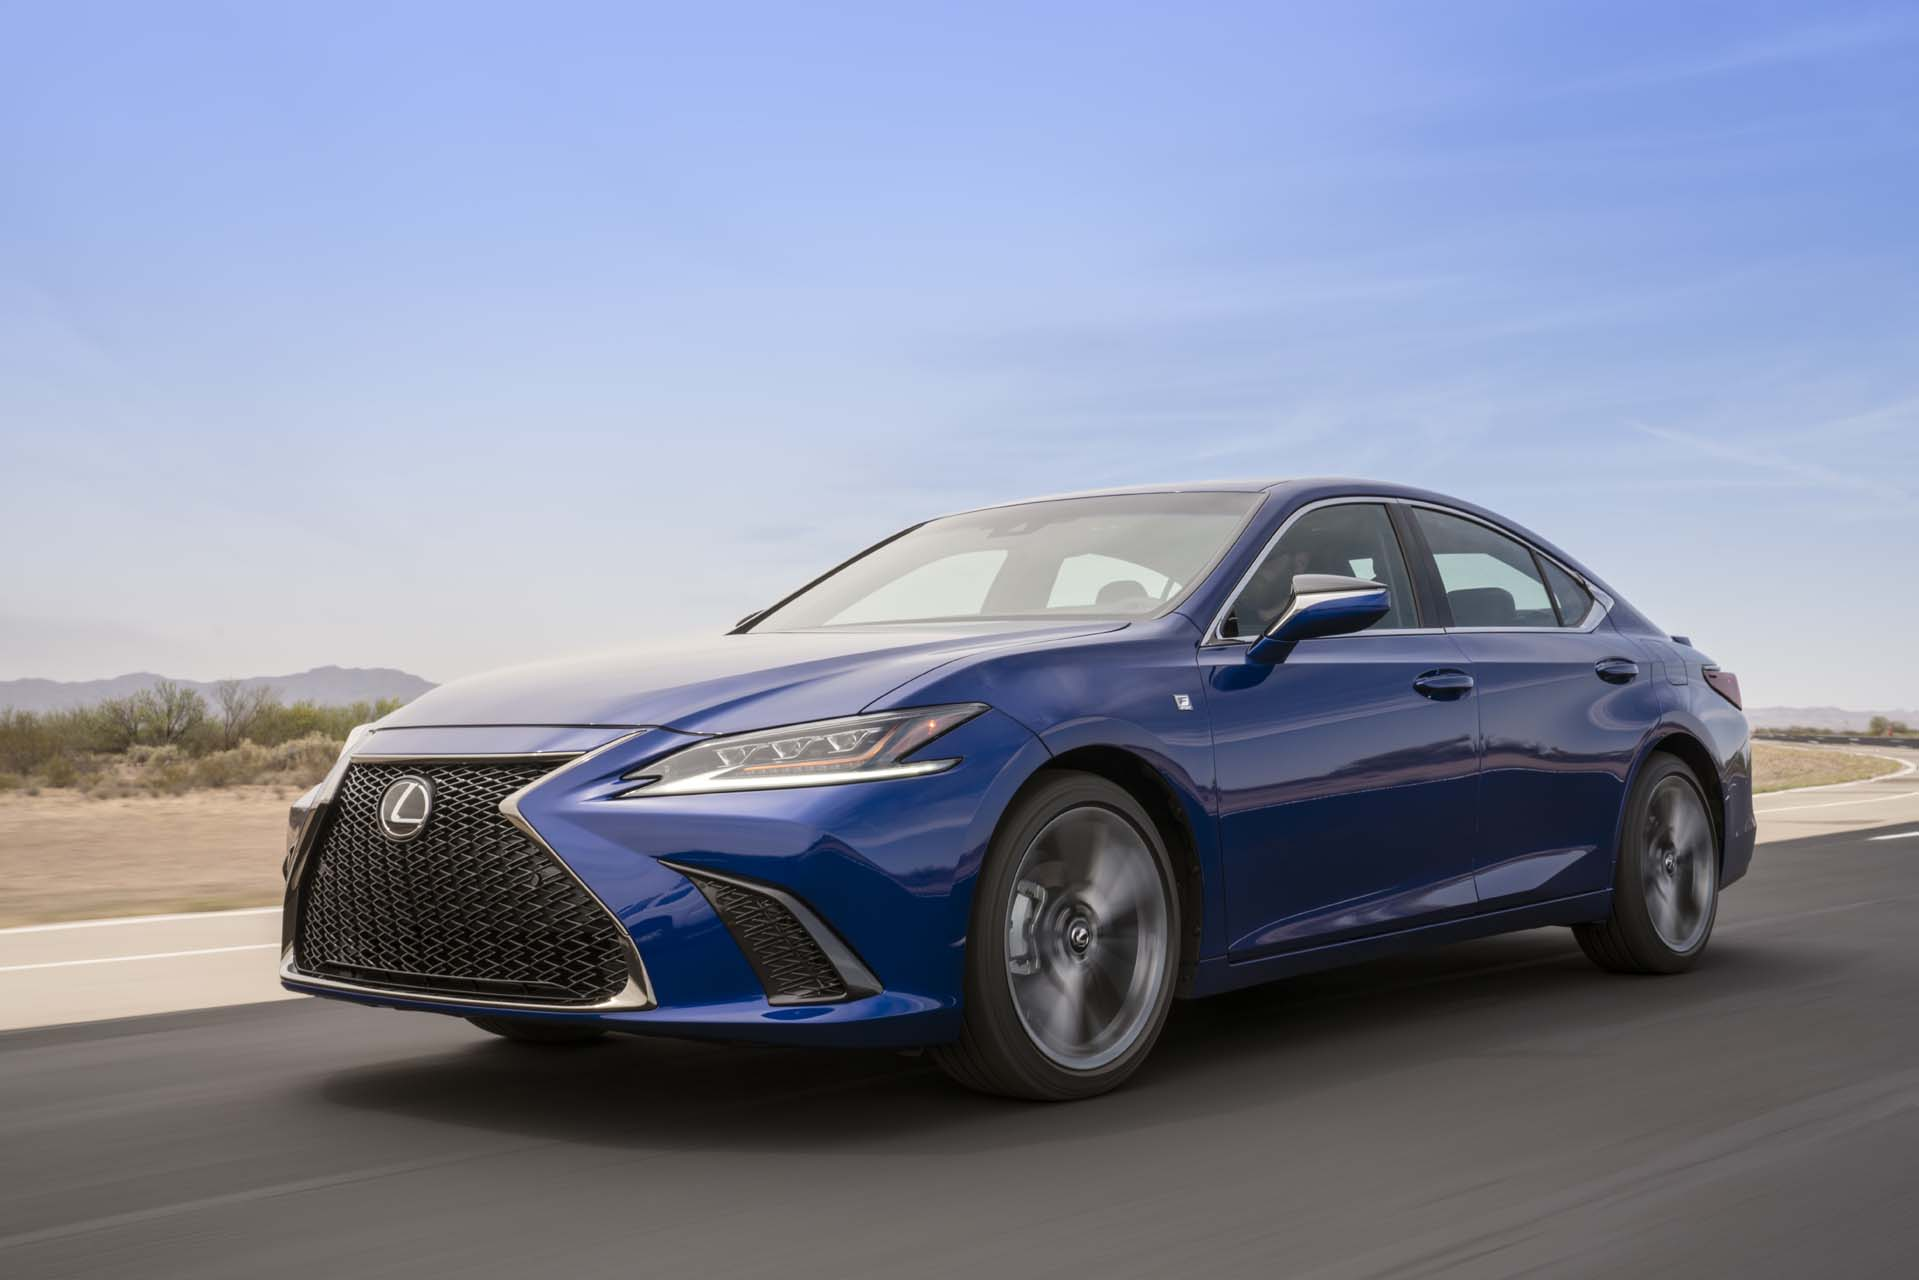 2019 Lexus ES preview